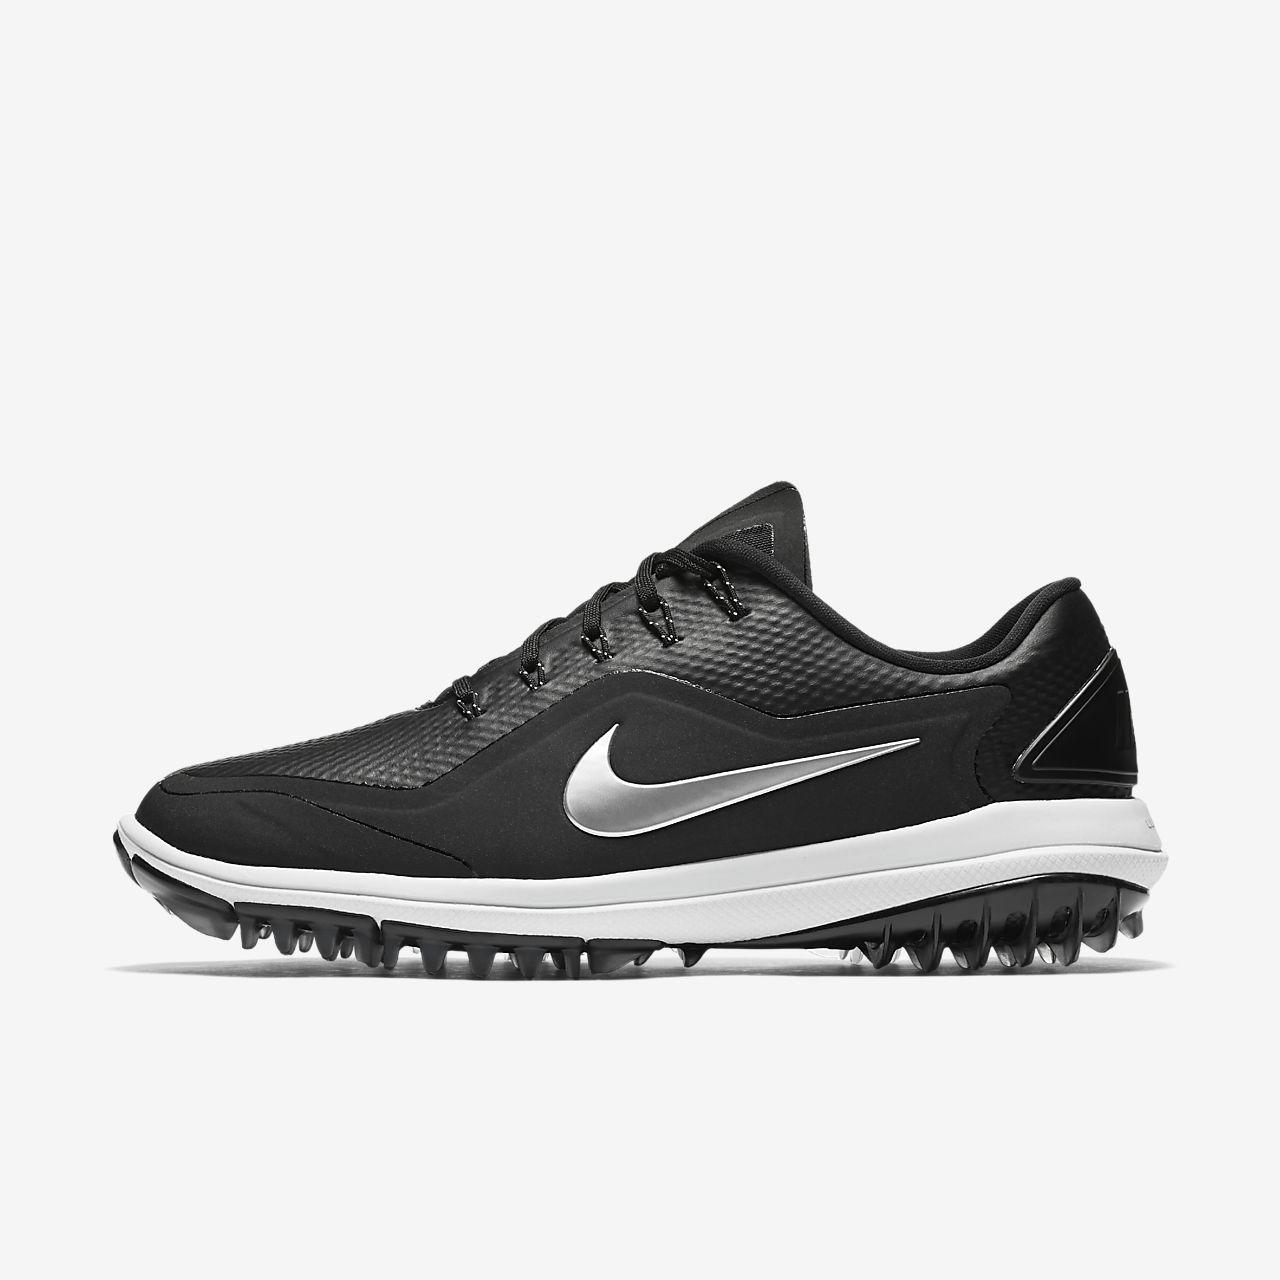 quality design 536e3 9be69 ... Golfsko Nike Lunar Control Vapor 2 för kvinnor